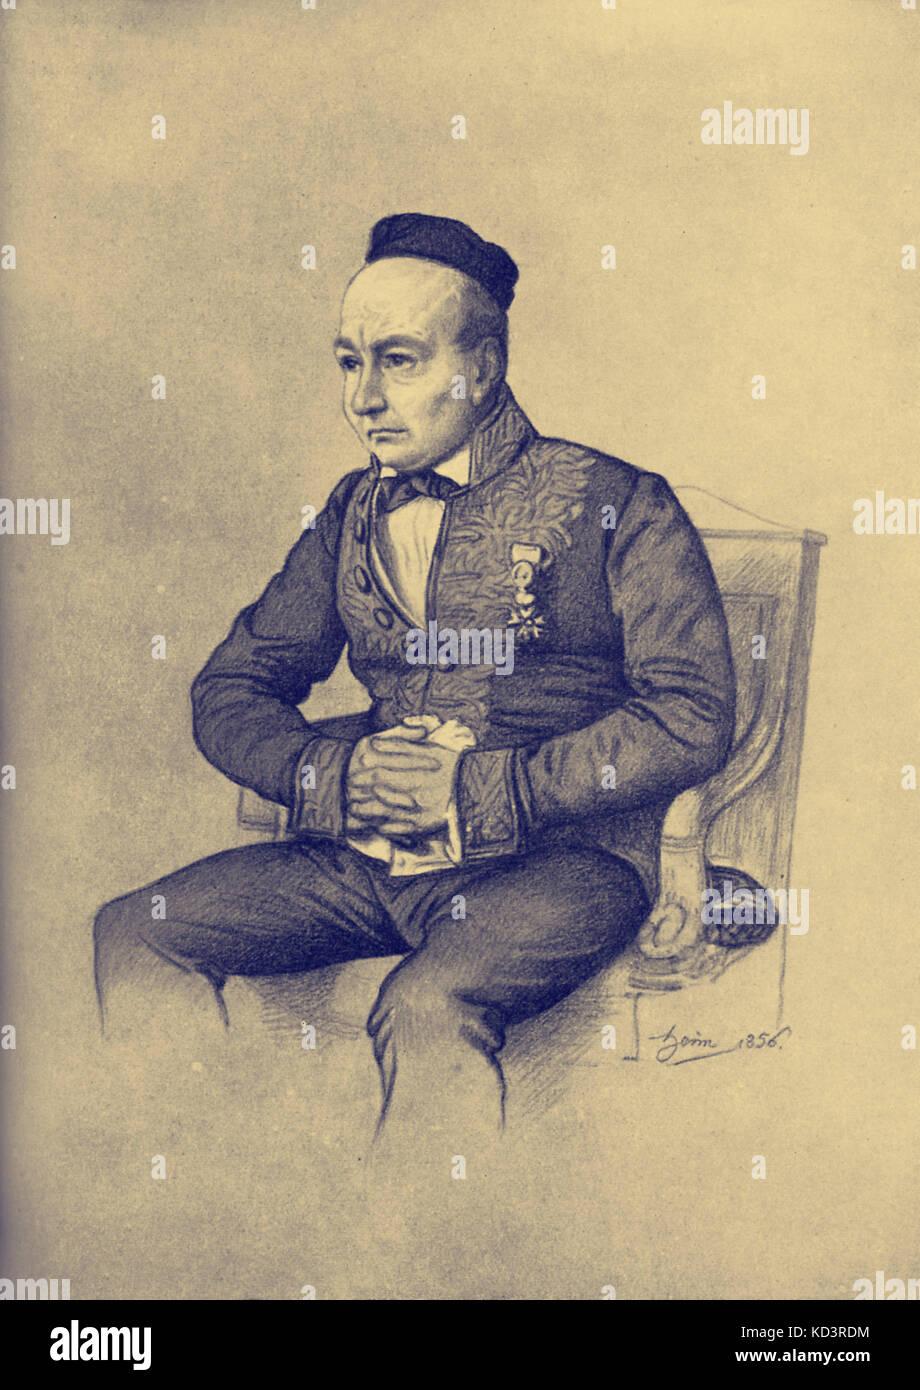 Sainte-Beuve Charles Augustin Sainte-Beuve. Critique littéraire français, 23 décembre 1804 - 13 octobre, 1869 Banque D'Images